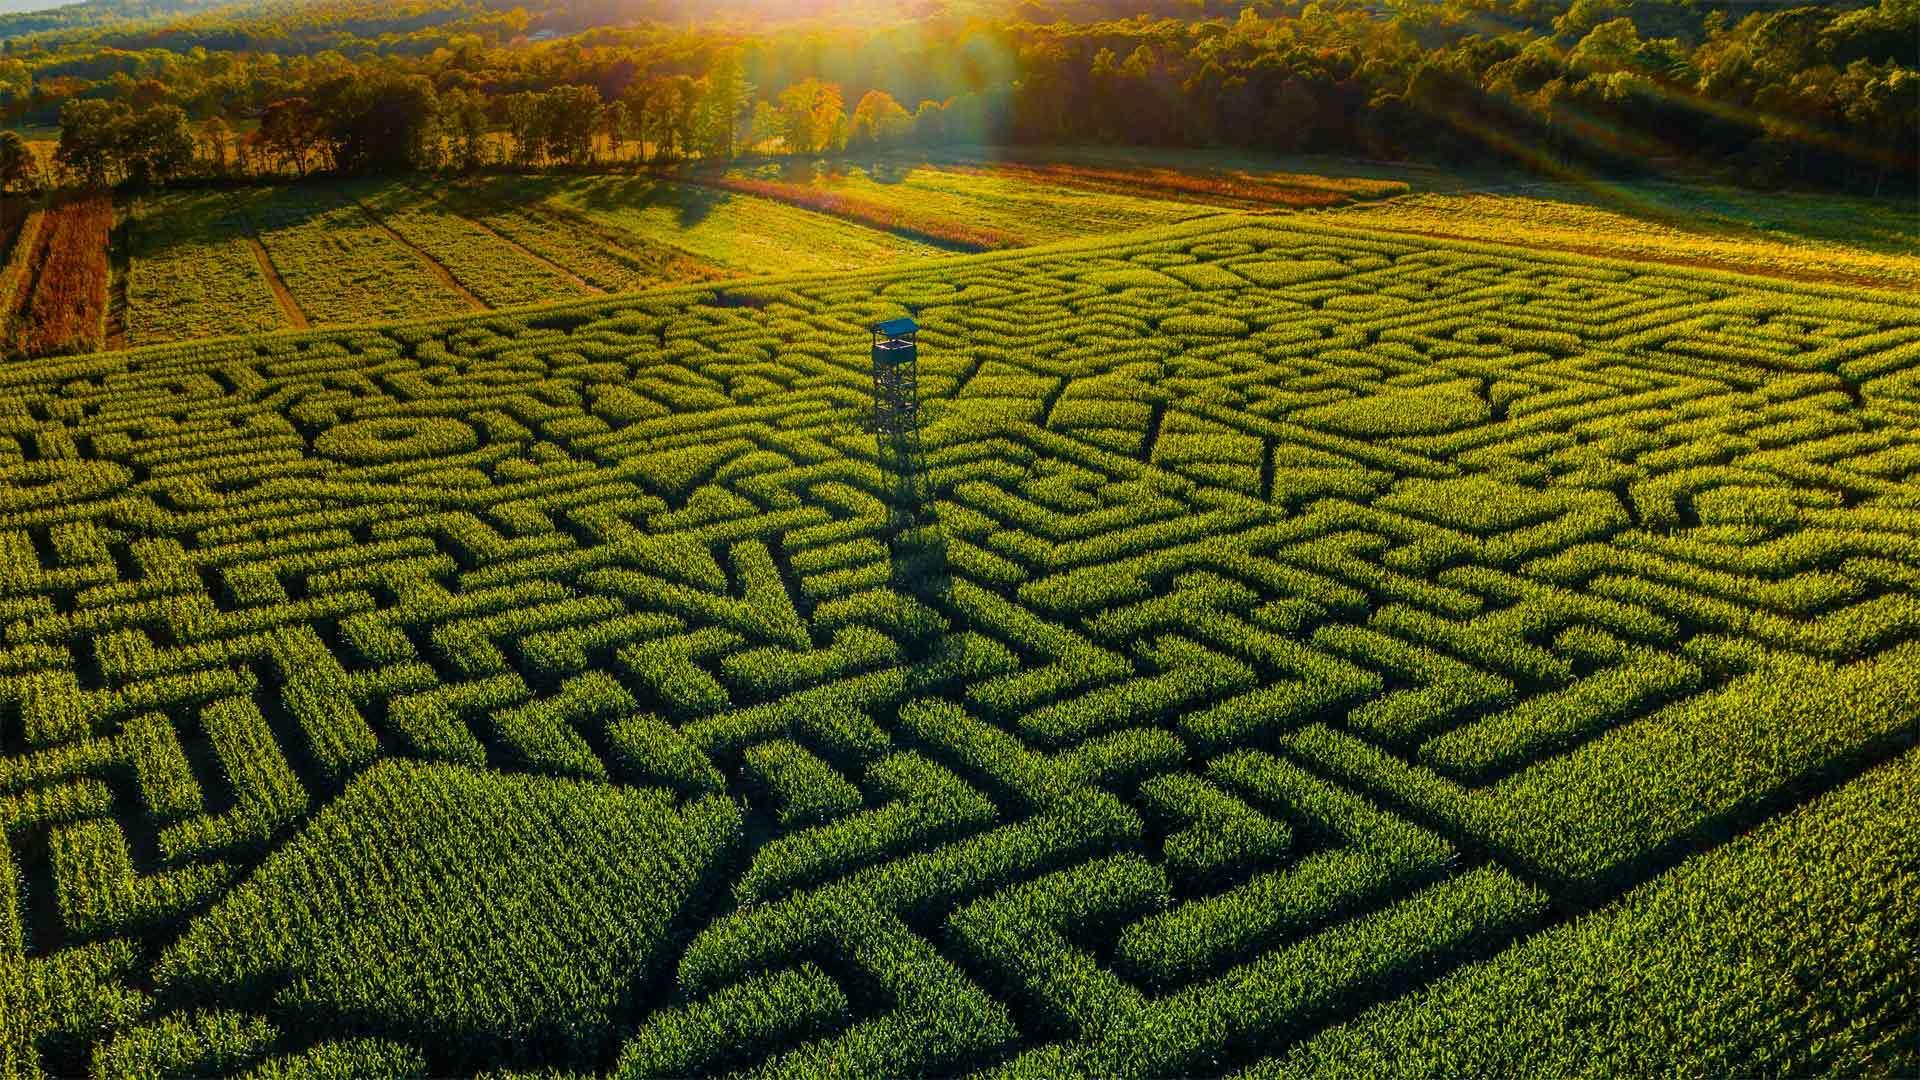 克林格尔农场的Mazezilla玉米田迷宫克林格尔农场